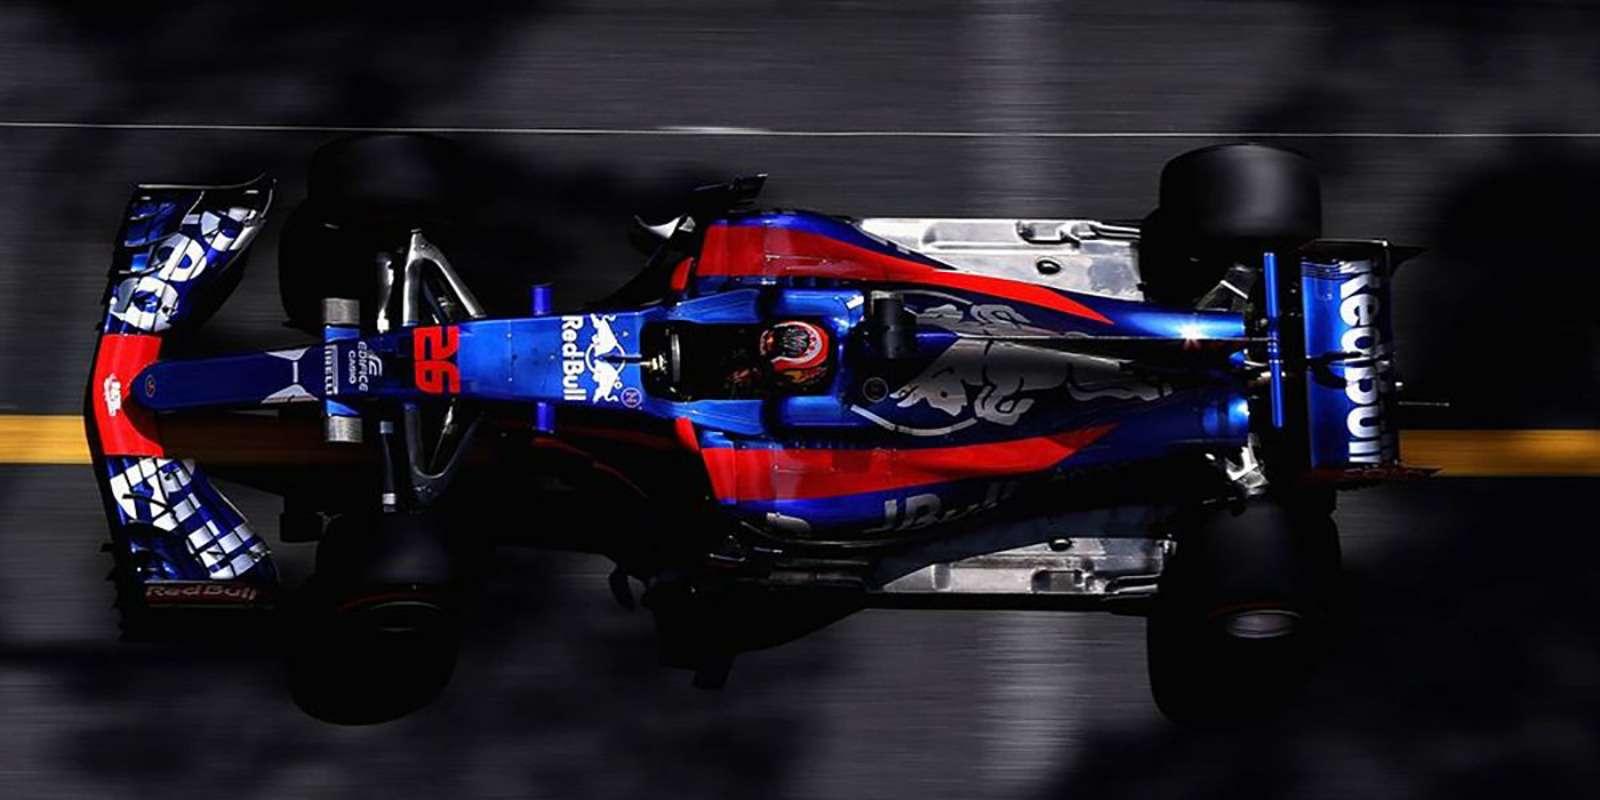 Даниил Квят возвращается вгонки Формулы-1. Теперь российских пилотов будет двое!